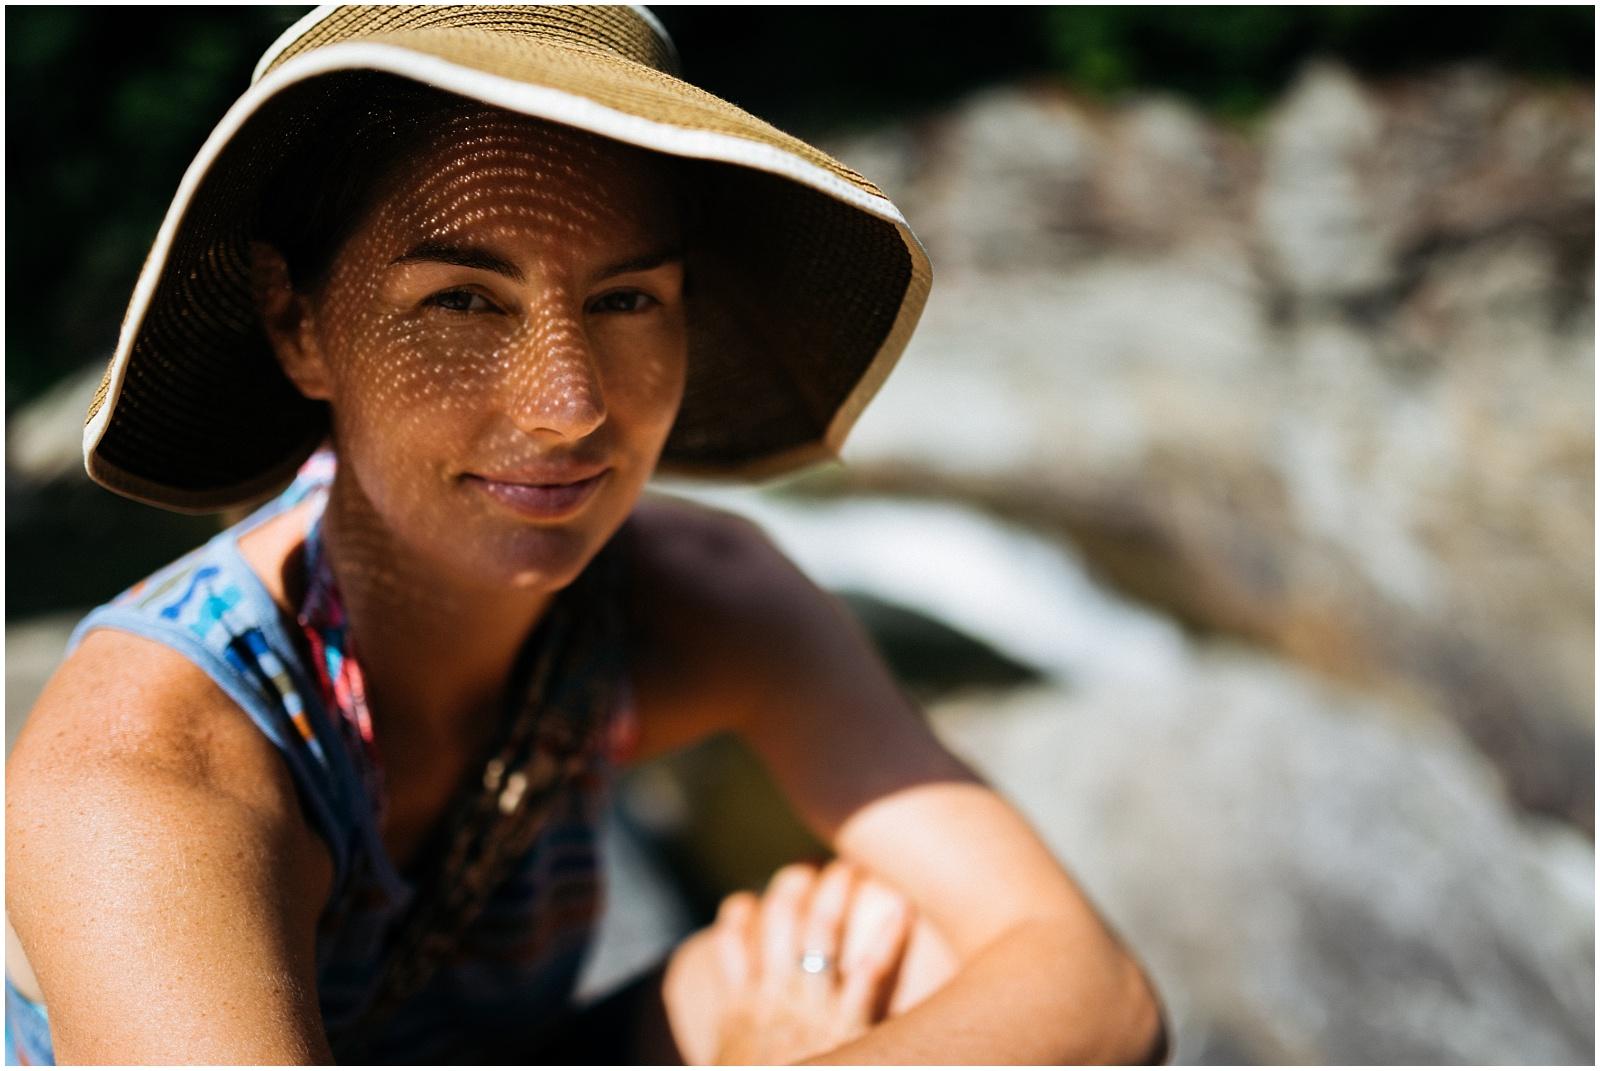 Emilie in hat in natural light